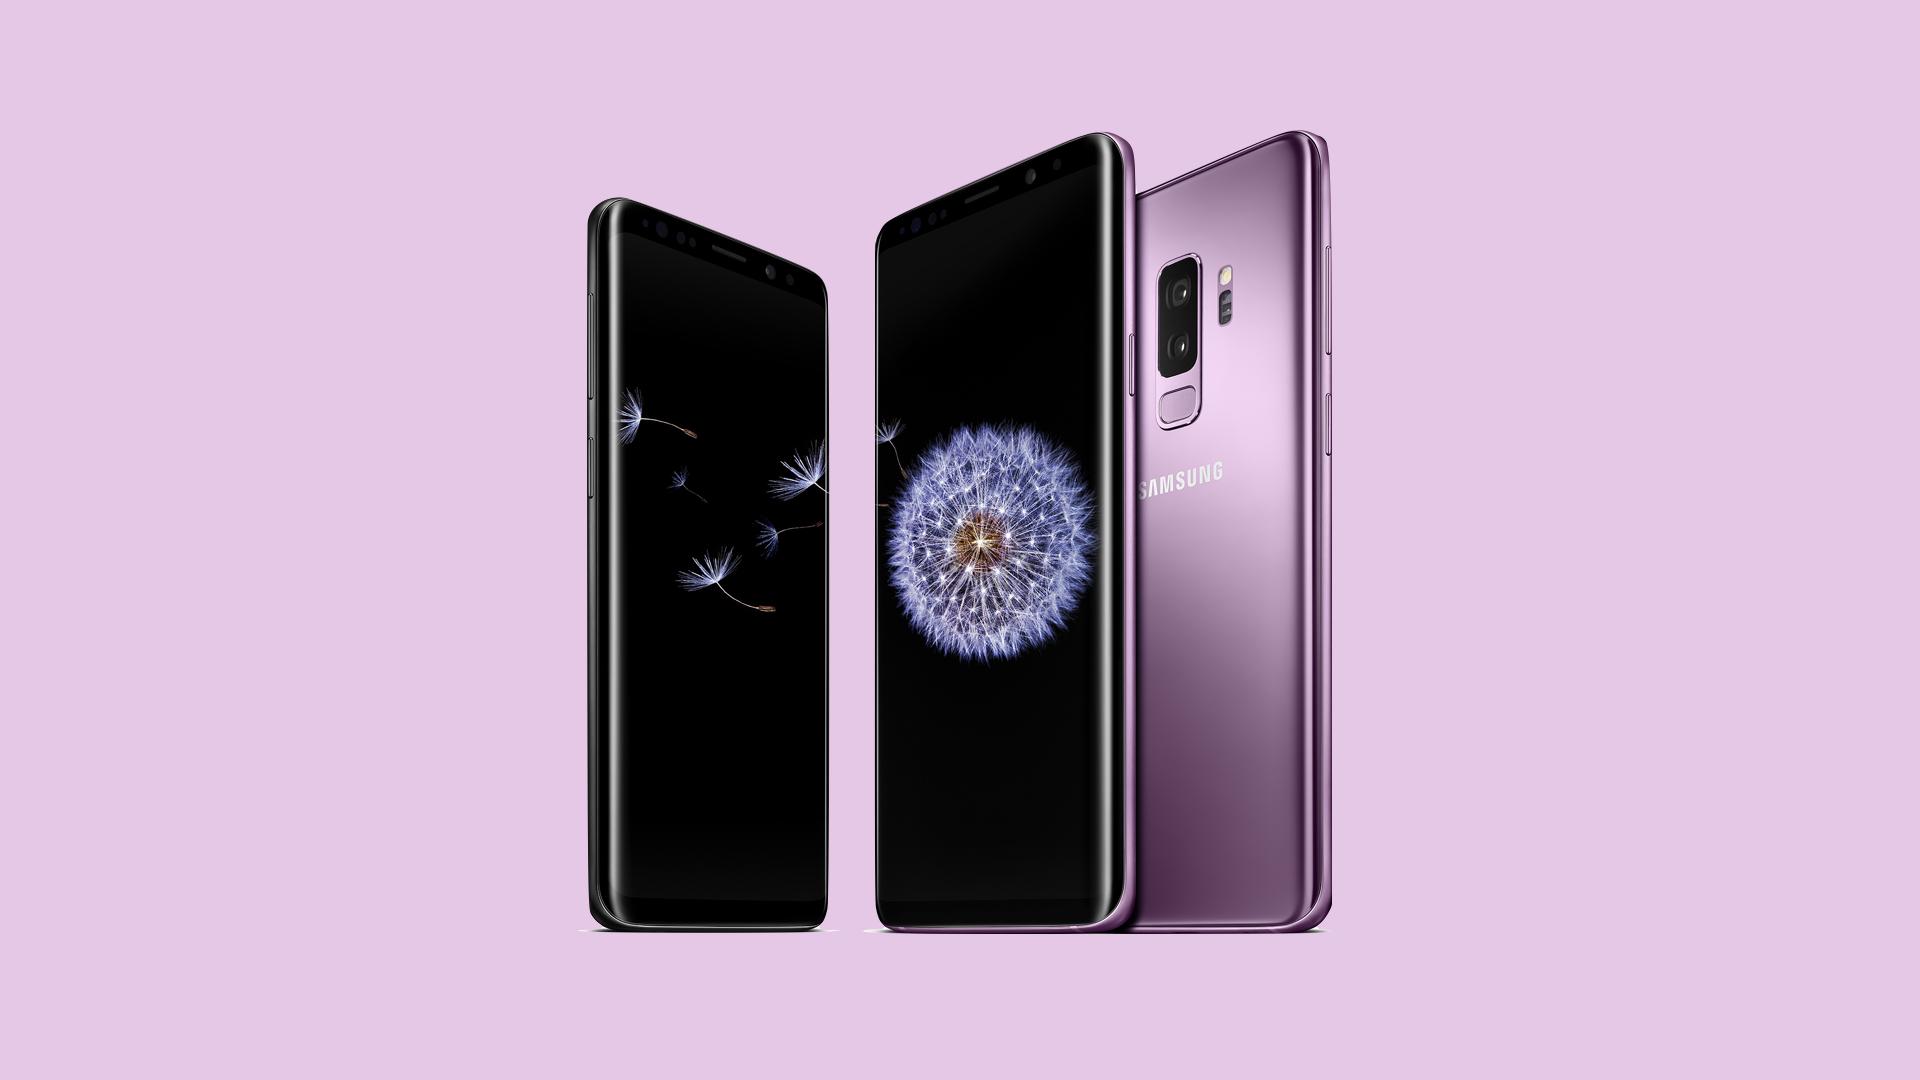 Samsung, LG : retour aux fondamentaux ou fausse maturité ?